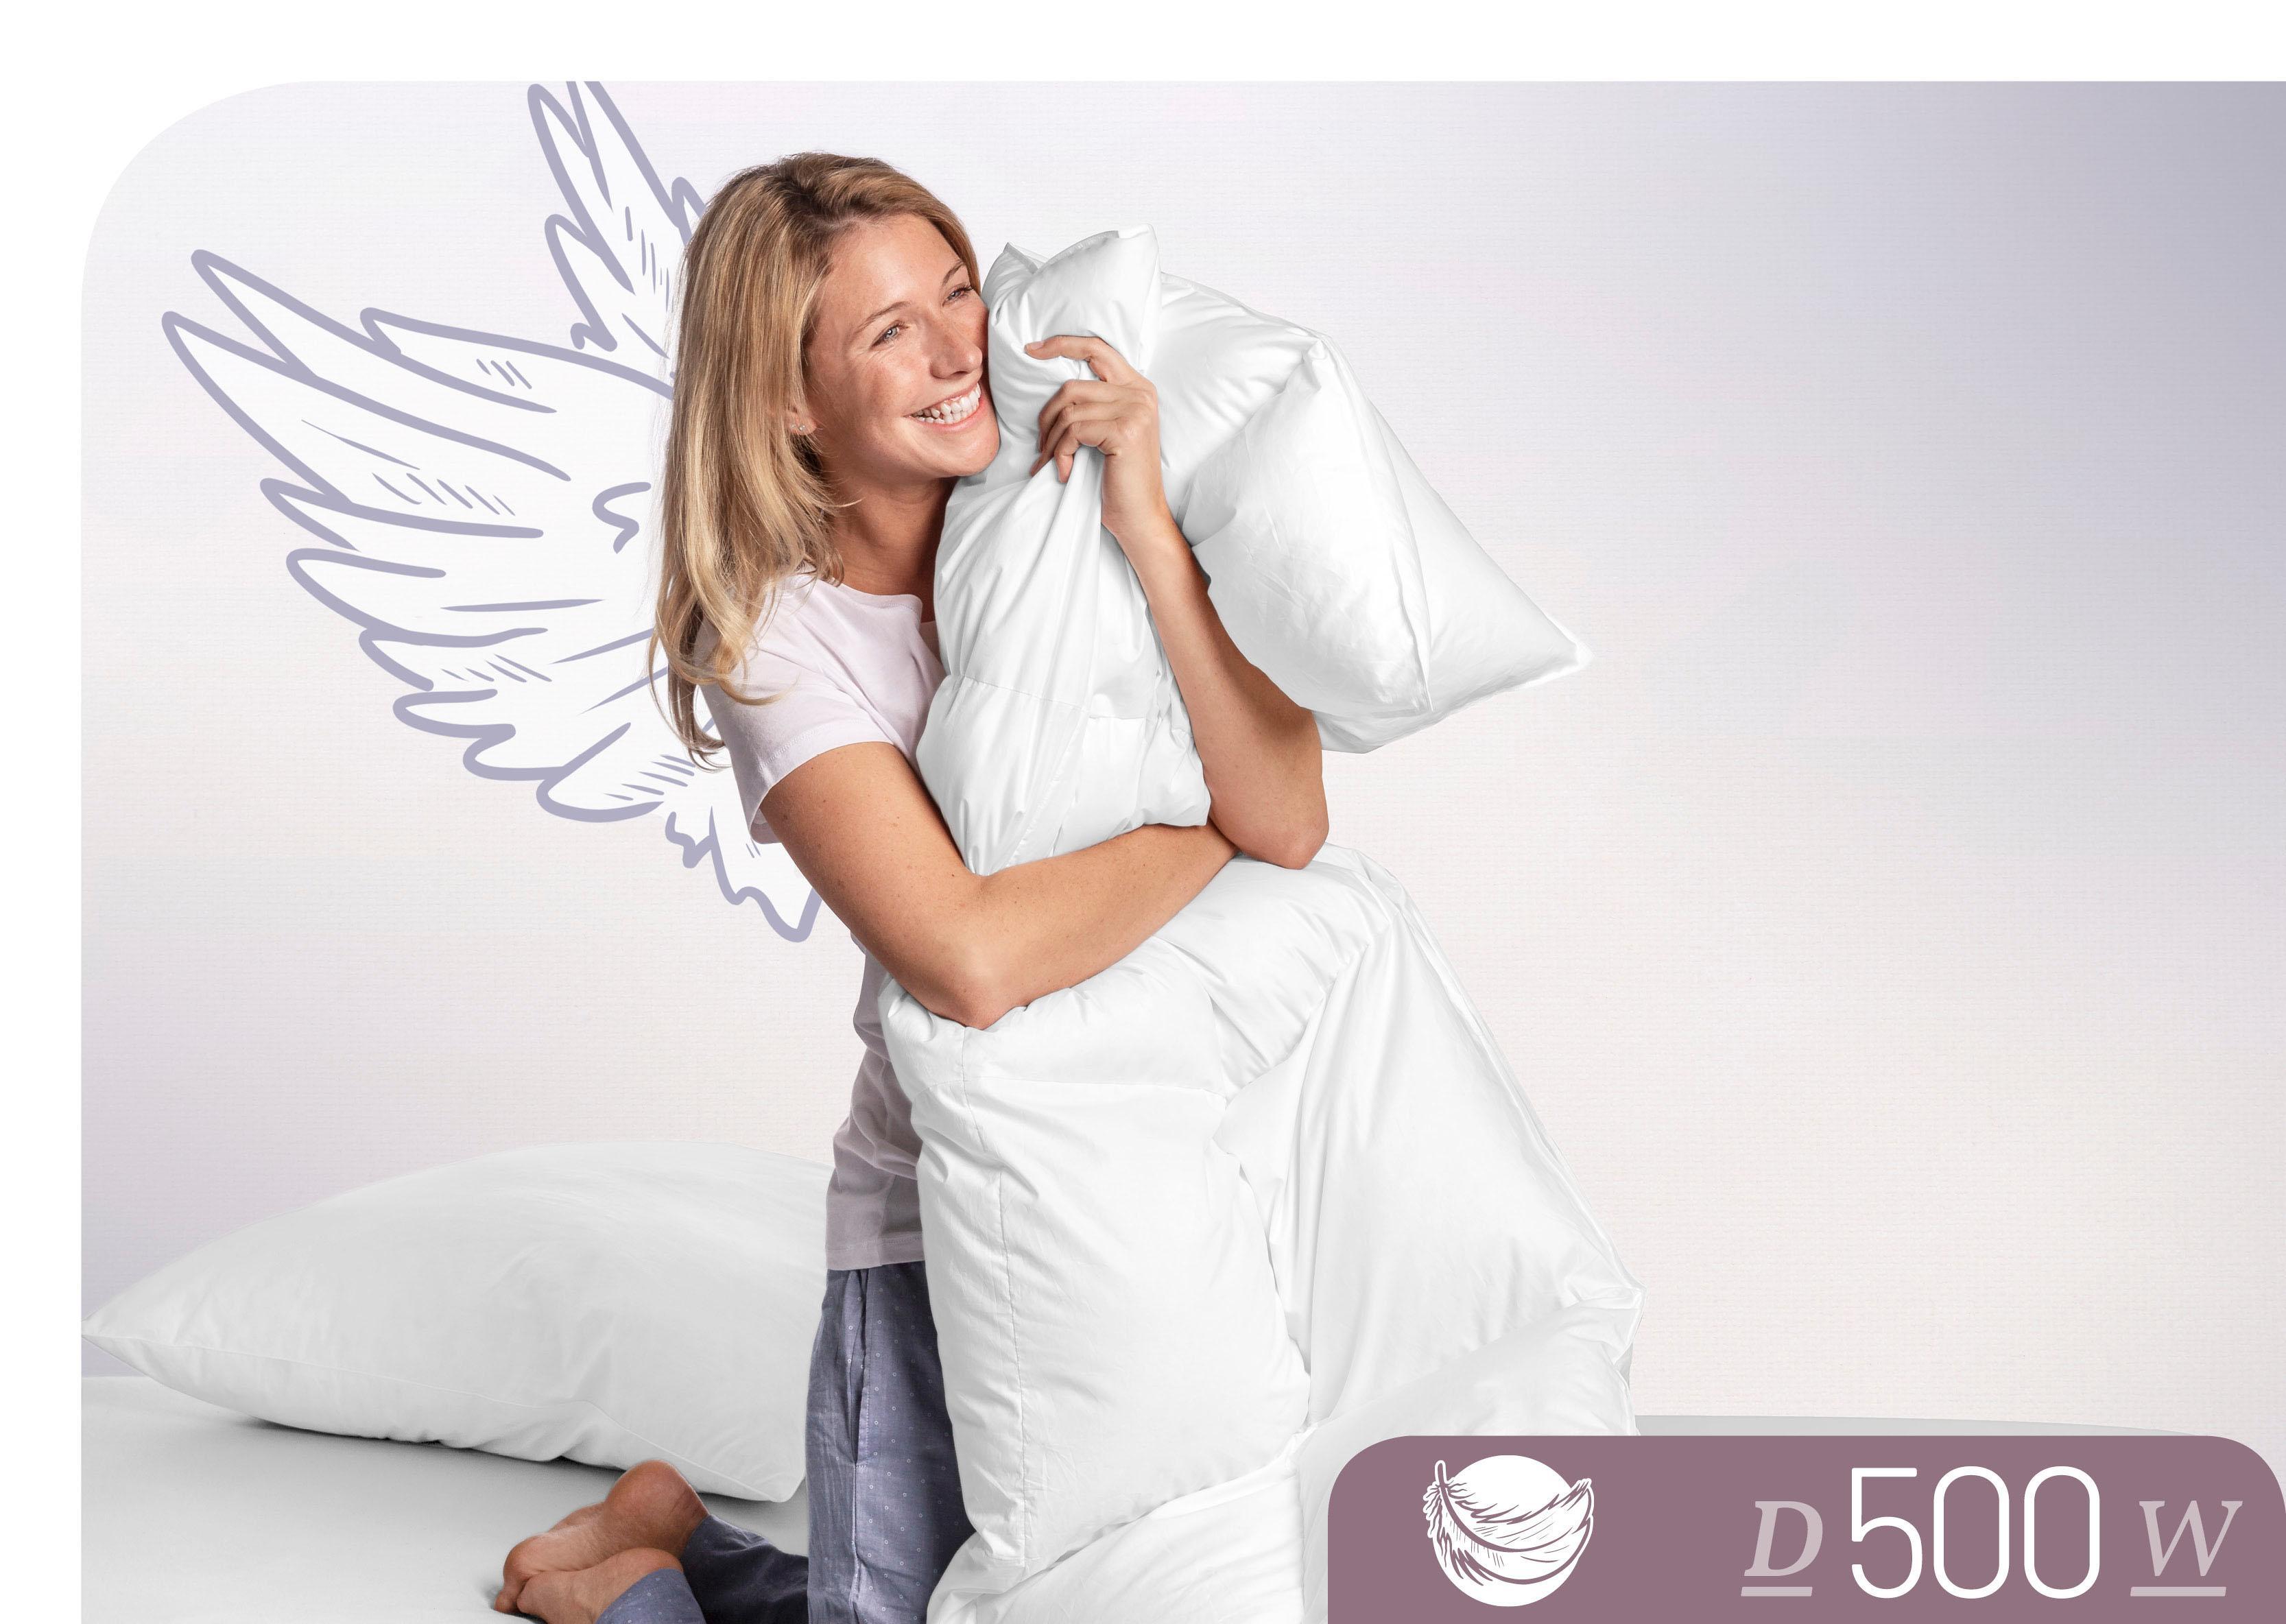 Daunenbettdecke D500 Schlafstil warm Füllung: 100% Daunen Bezug: 100% Baumwolle